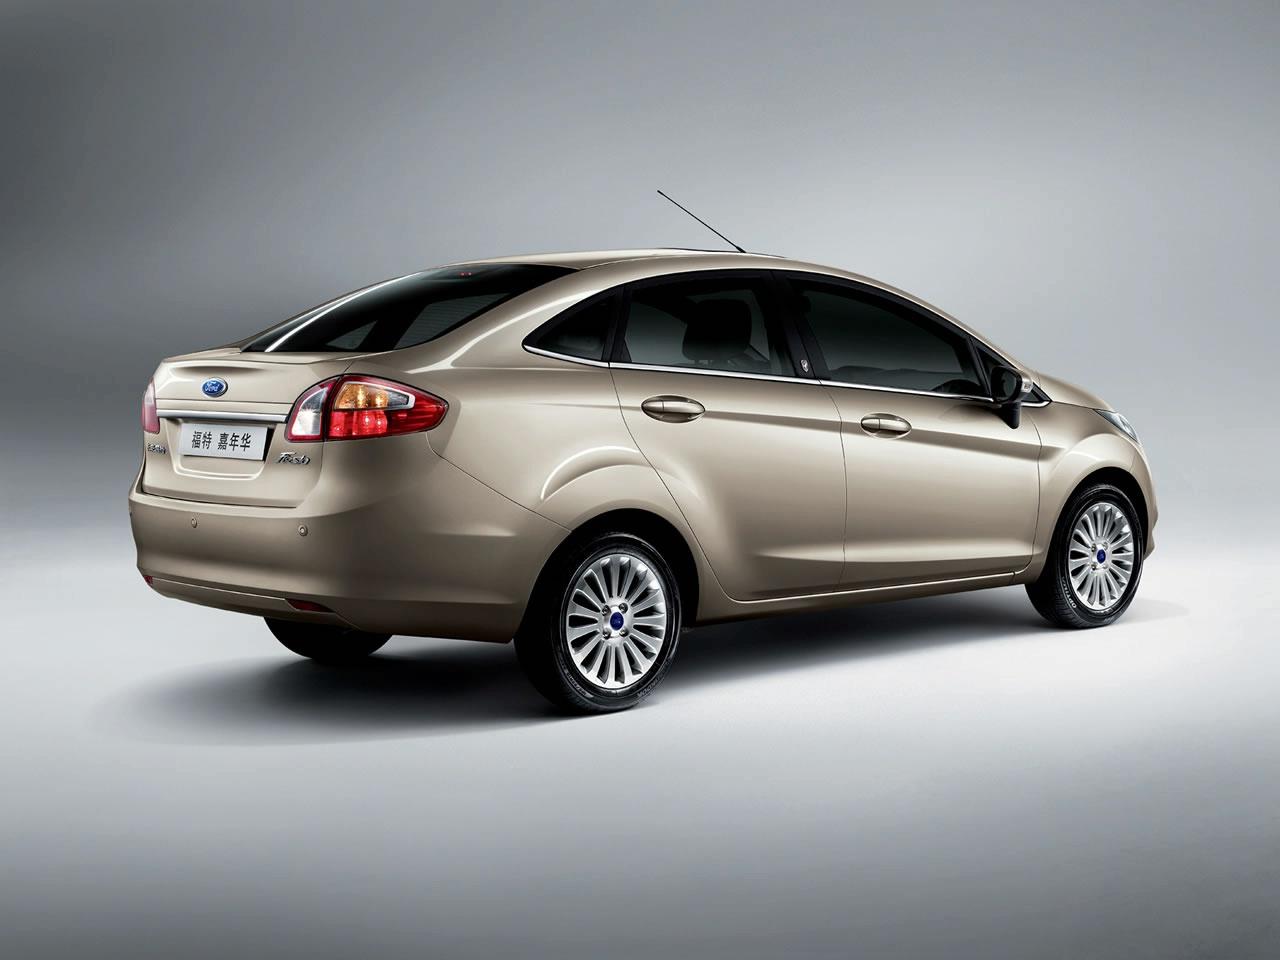 Exceptional Ford Fiesta Sedan